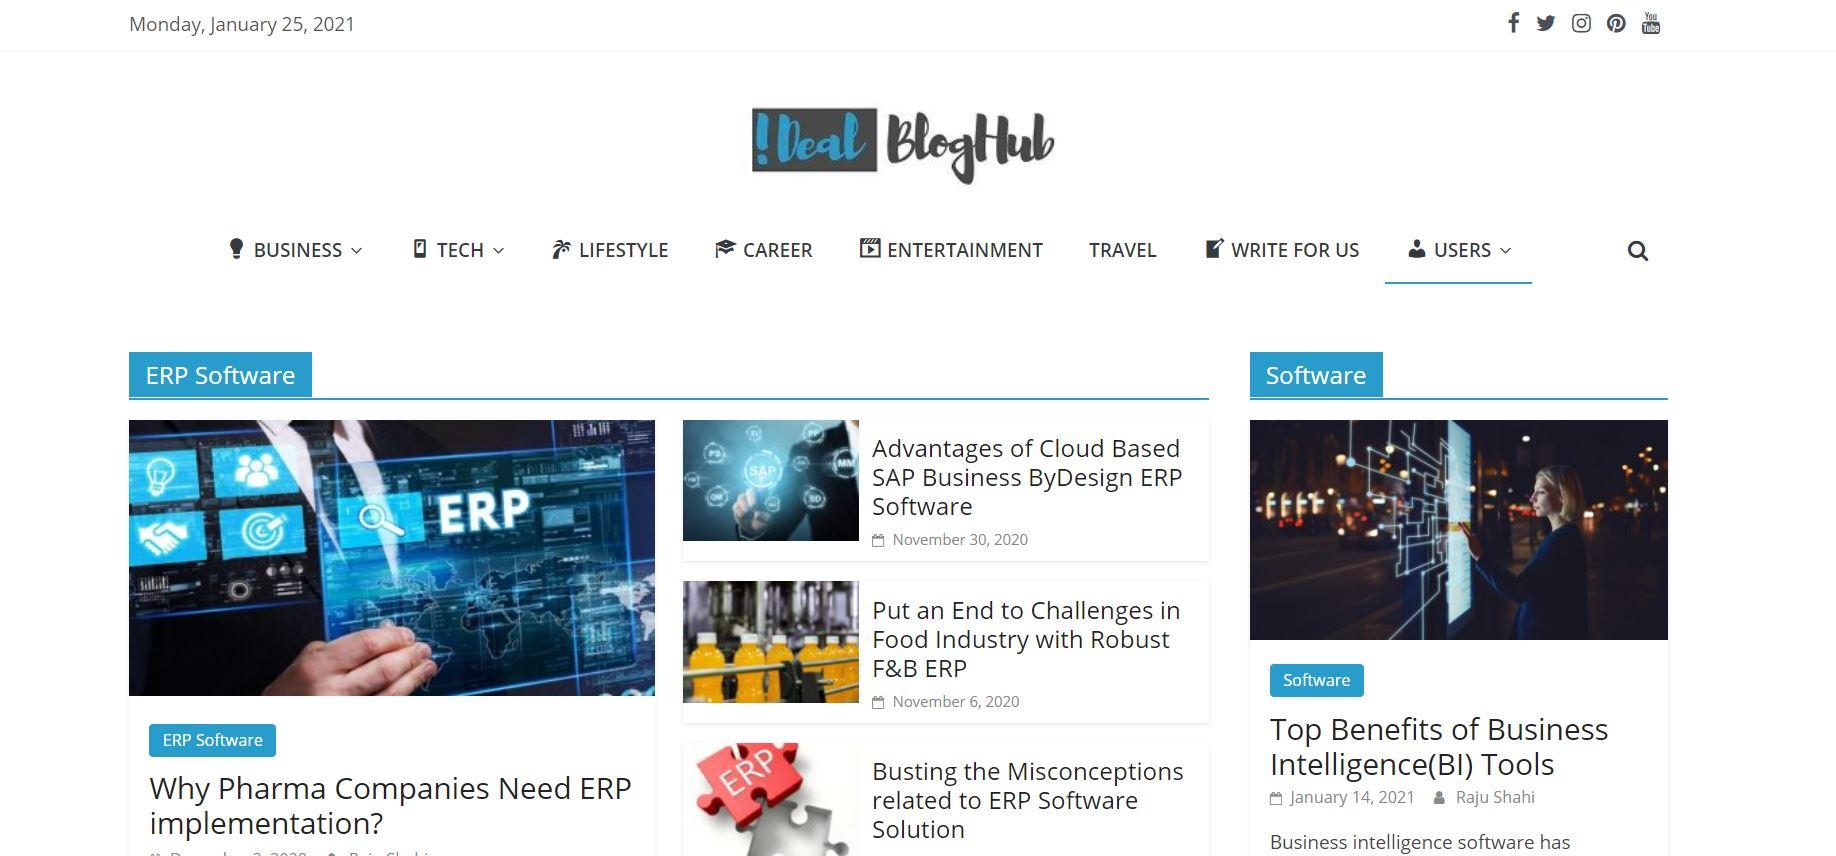 iDeal BlogHub